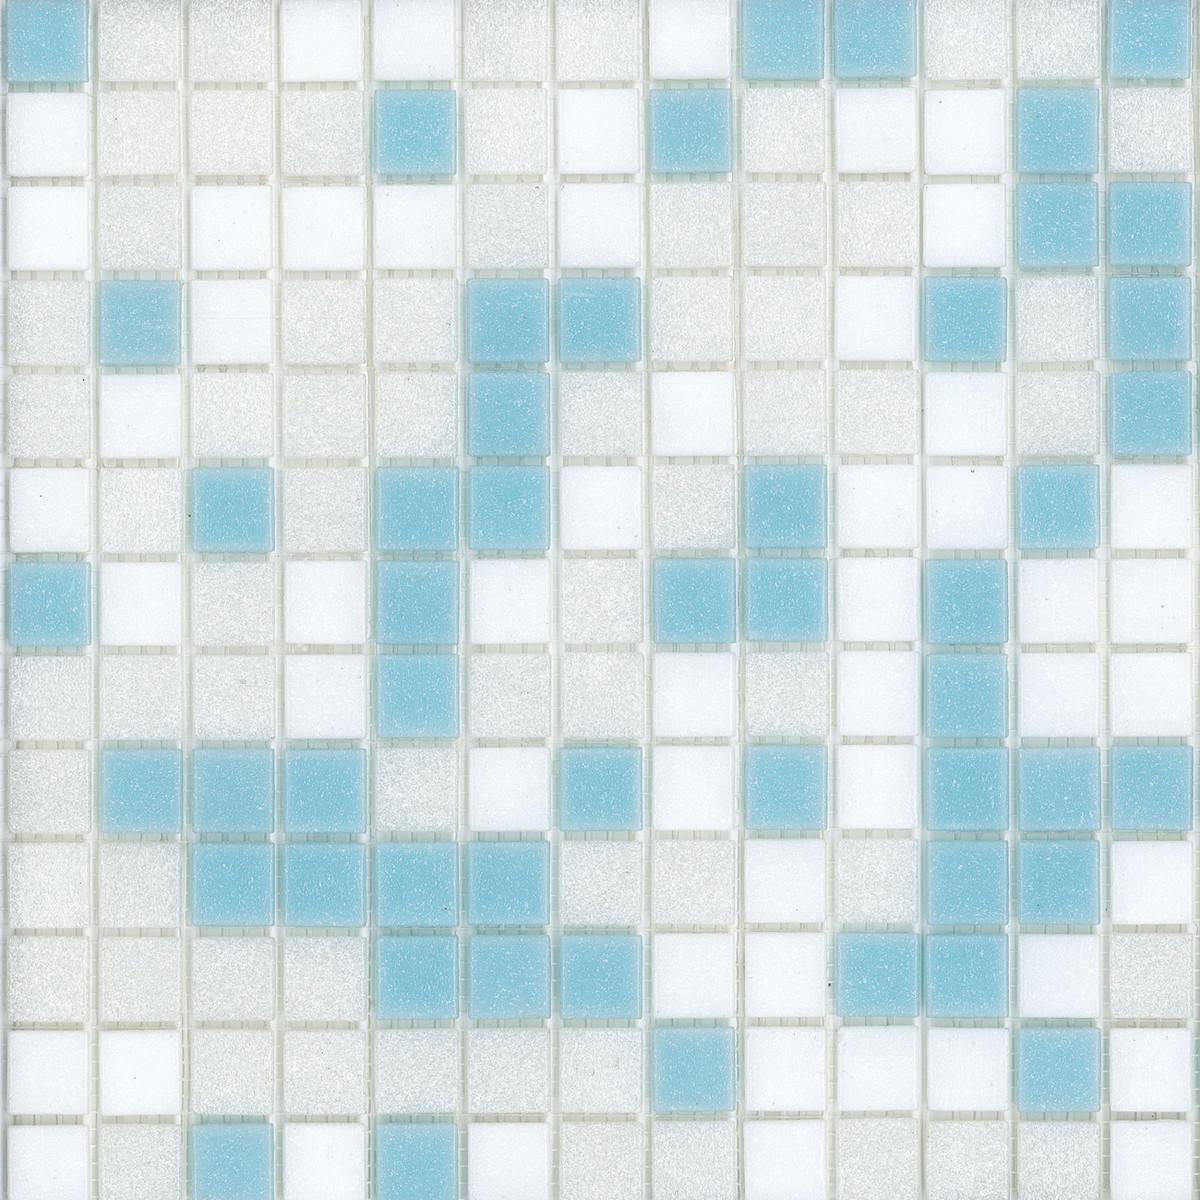 Piastrelle bagno a mosaico piastrelle di vetro mosaico - Piastrelle mosaico cucina ...